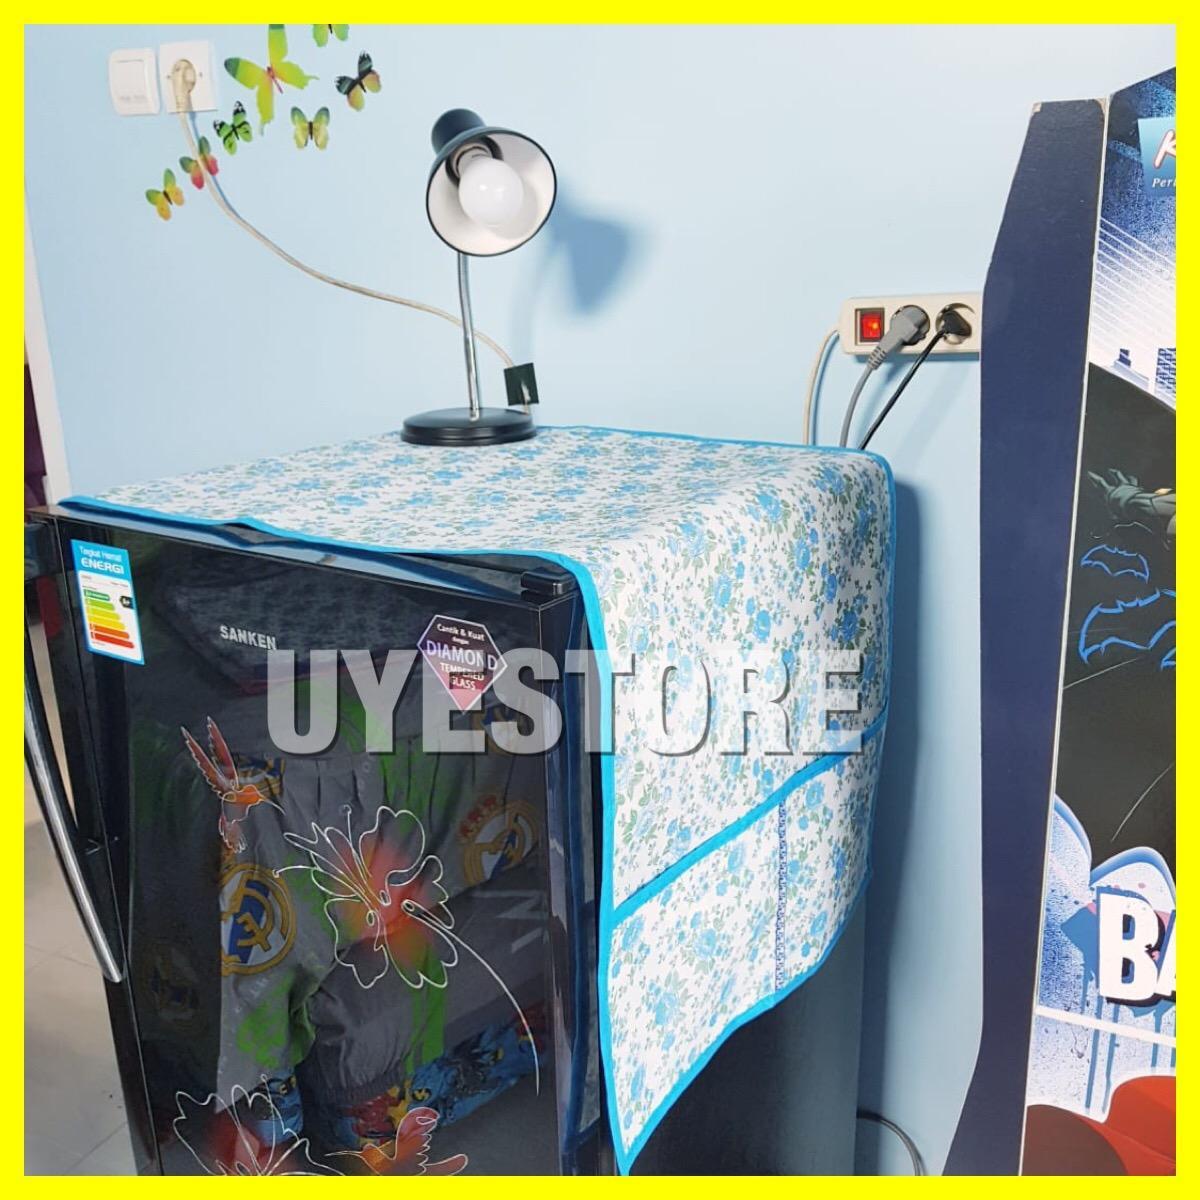 Harga Dan Spesifikasi Alas Serba Guna Panjang 3mtr Untuk Meja Laci Urban Living Wallpaper Sticker Ul 2104002 Classic Blue 53cm X 10m Jual Taplak Rak Lemari Bisa Kulkas Z0158a